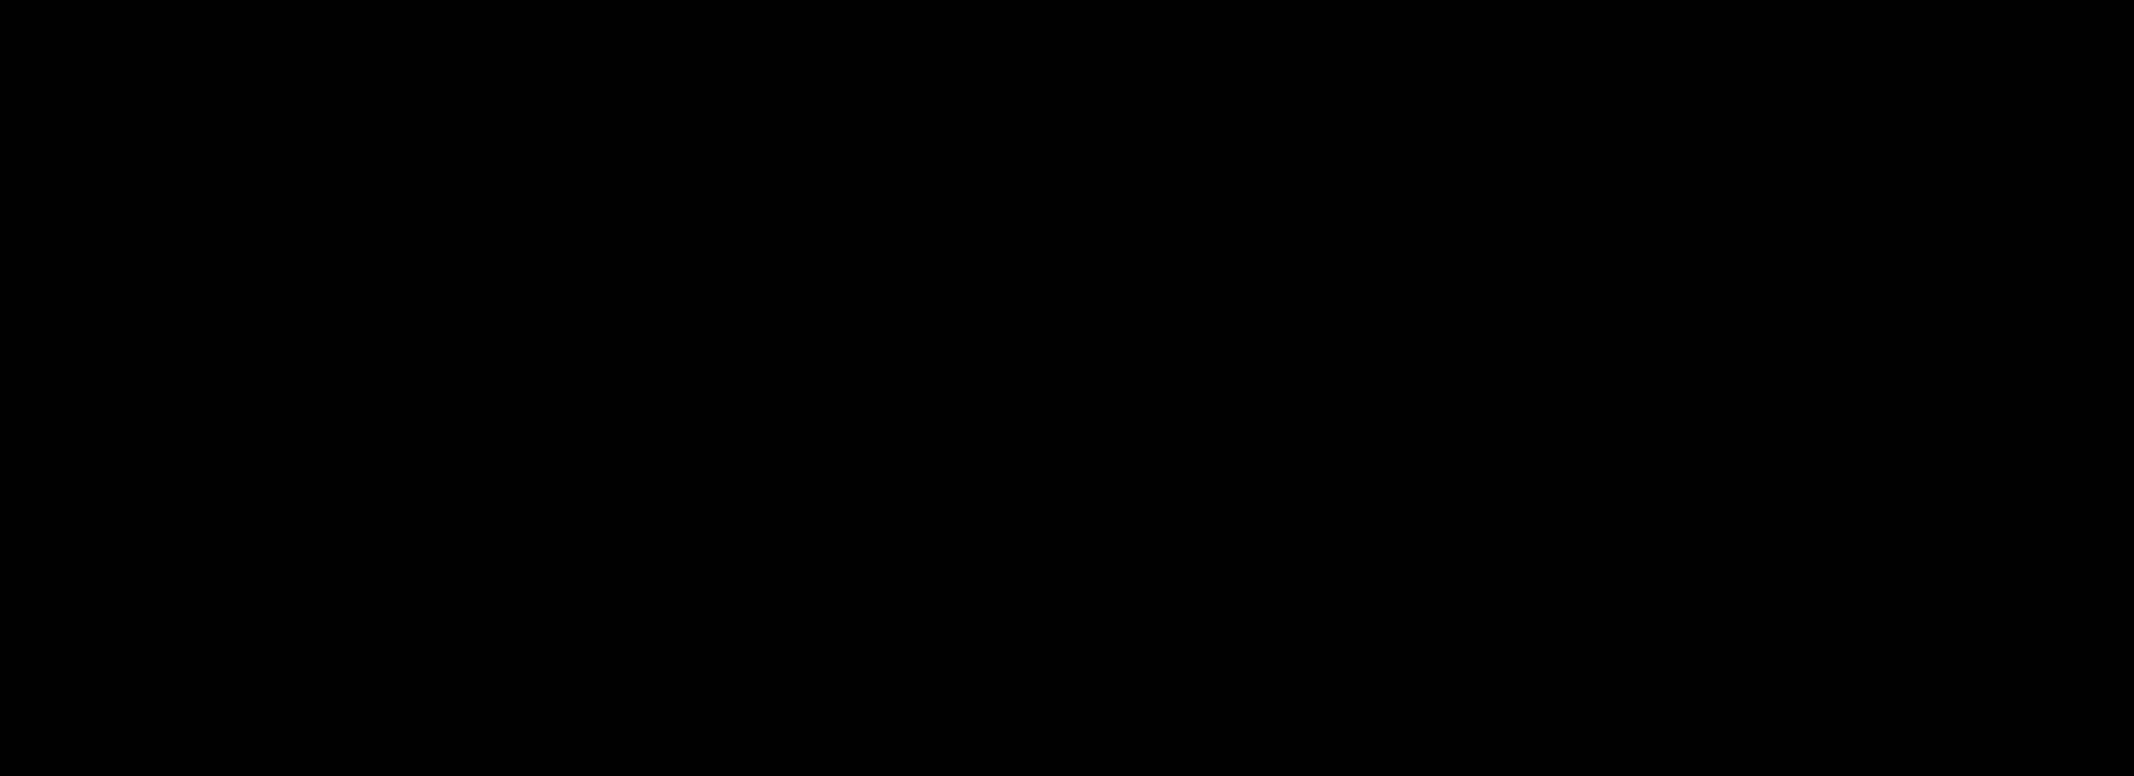 word image 580 Разработка и внедрение экологически безопасного биопрепарата для органического животноводства на основе защищенного продукта пчеловодства трутневого расплода с целью повышения естественной резистентности и продуктивности молодняка крупного рогатого скота